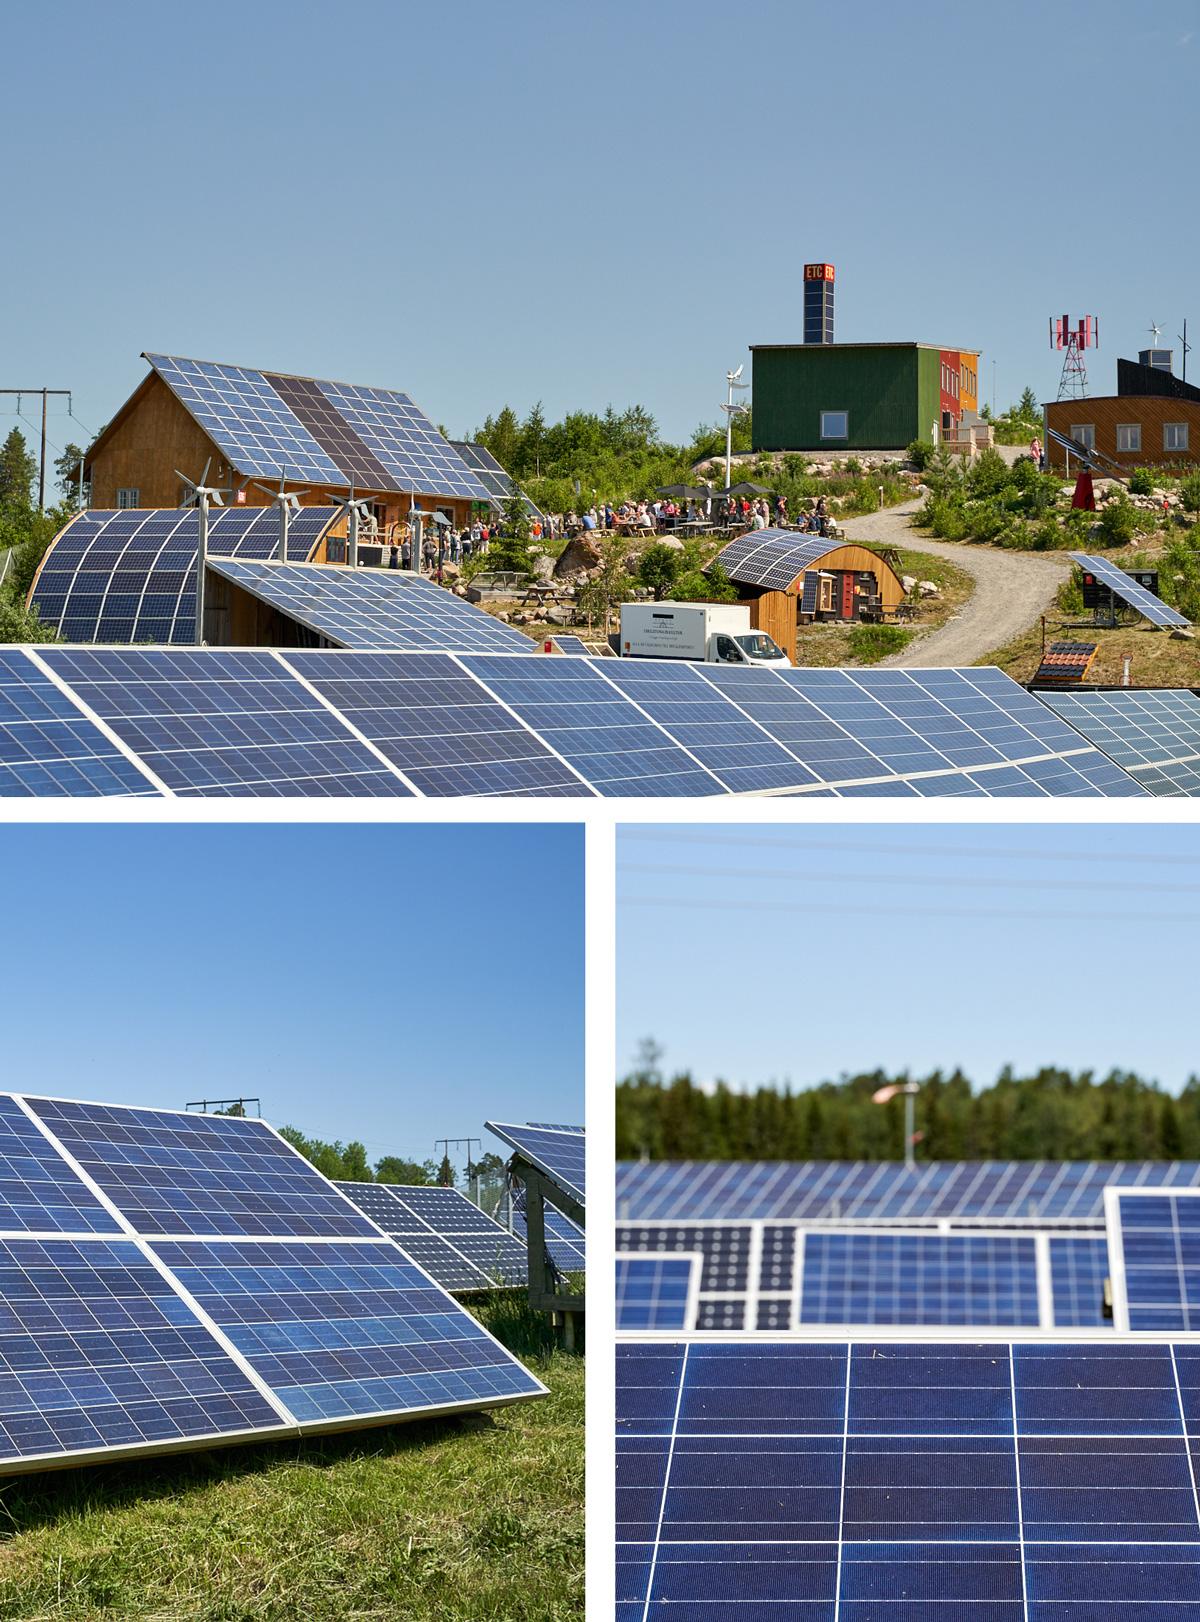 Seko sjöfolks solcellsanläggning installeras i ETC Solpark i Katrineholm. Parken är öppen att besöka året om.